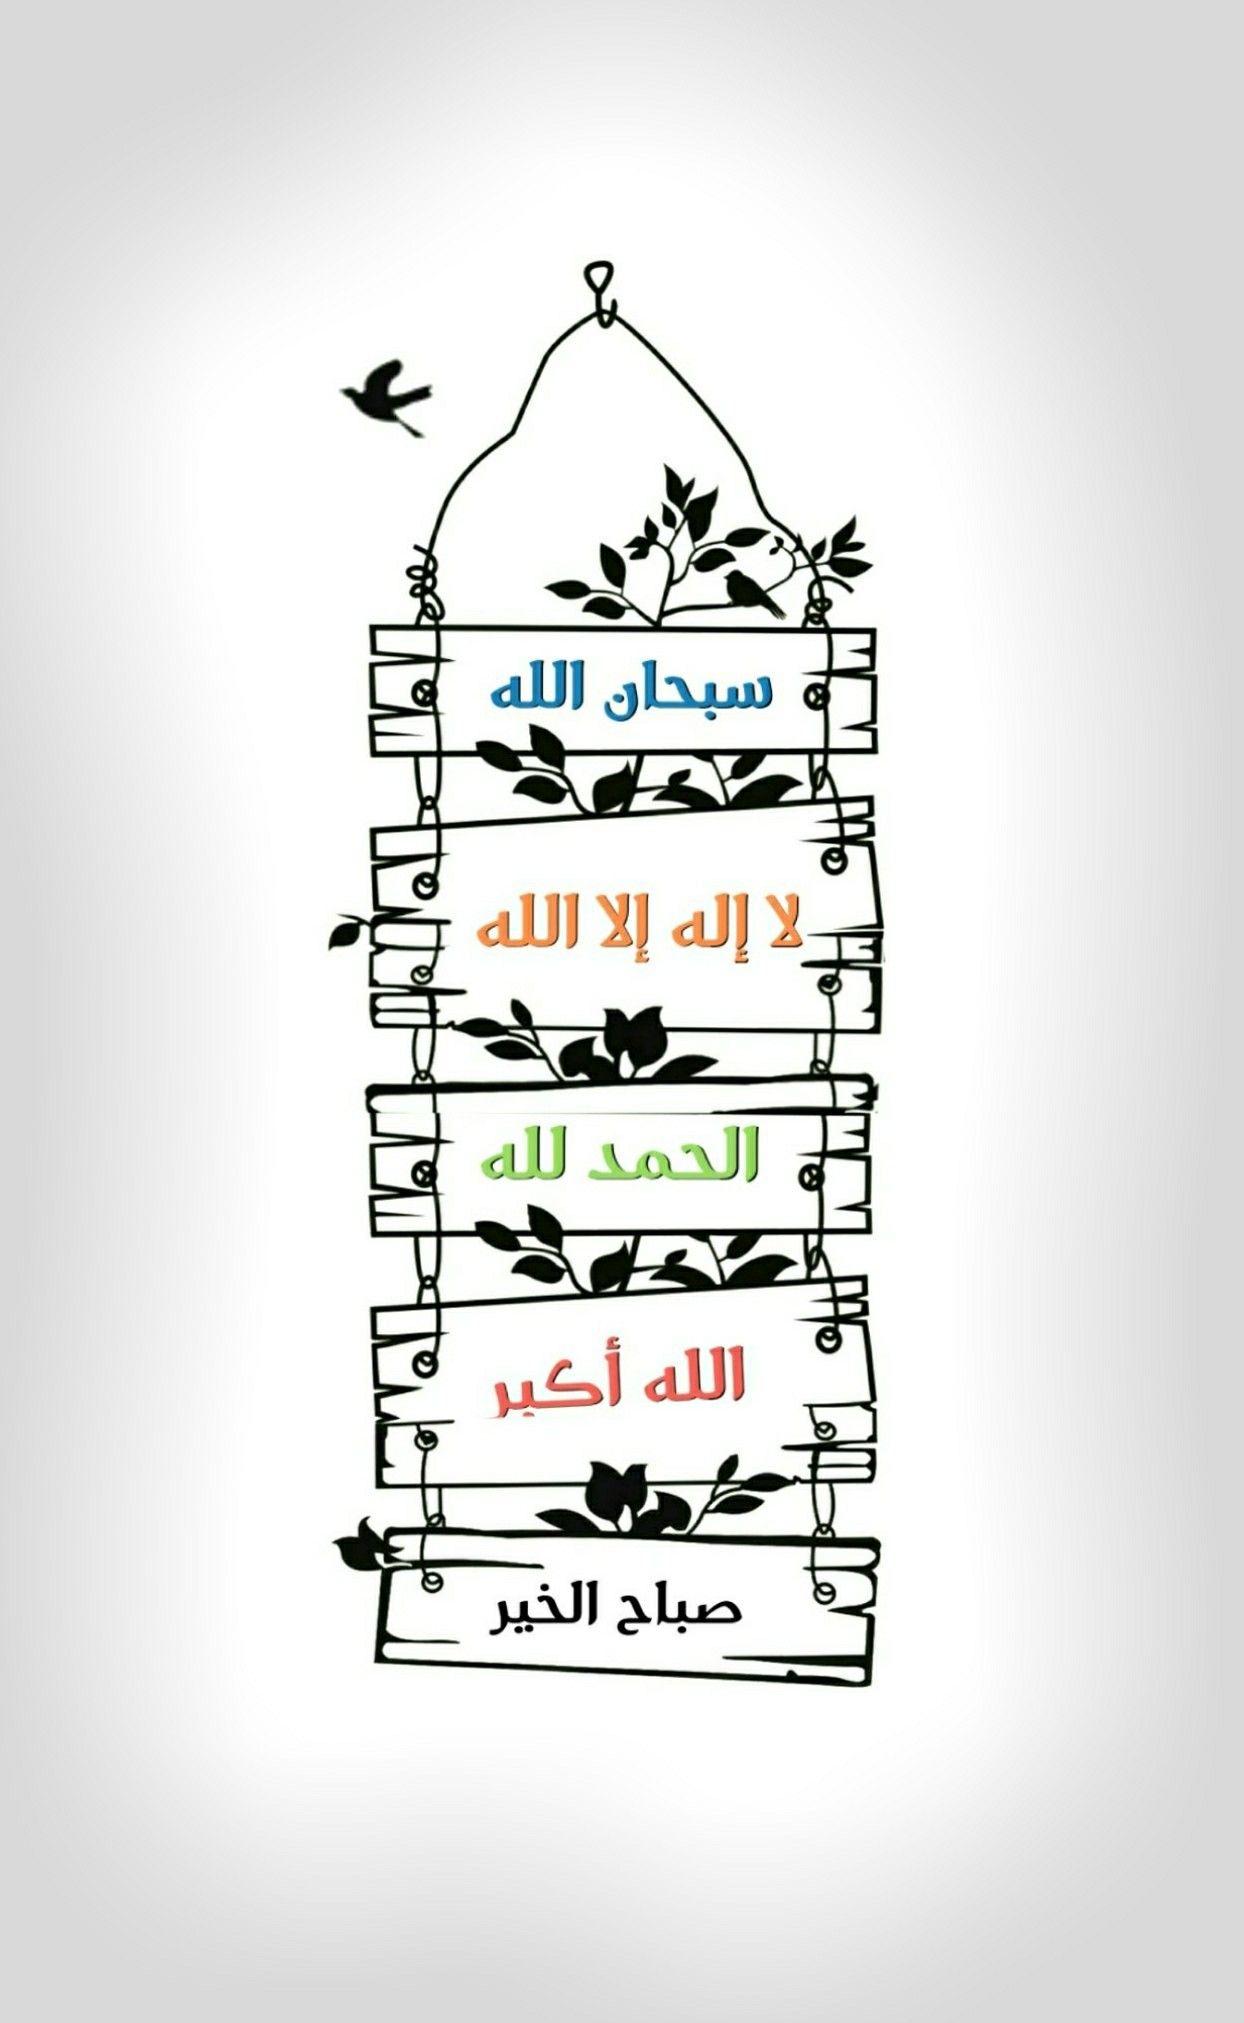 سبحان الله لا إله إلا الله الحمد لله الله أكبر صباح الخير Islam Facts Good Morning Greetings Islam For Kids